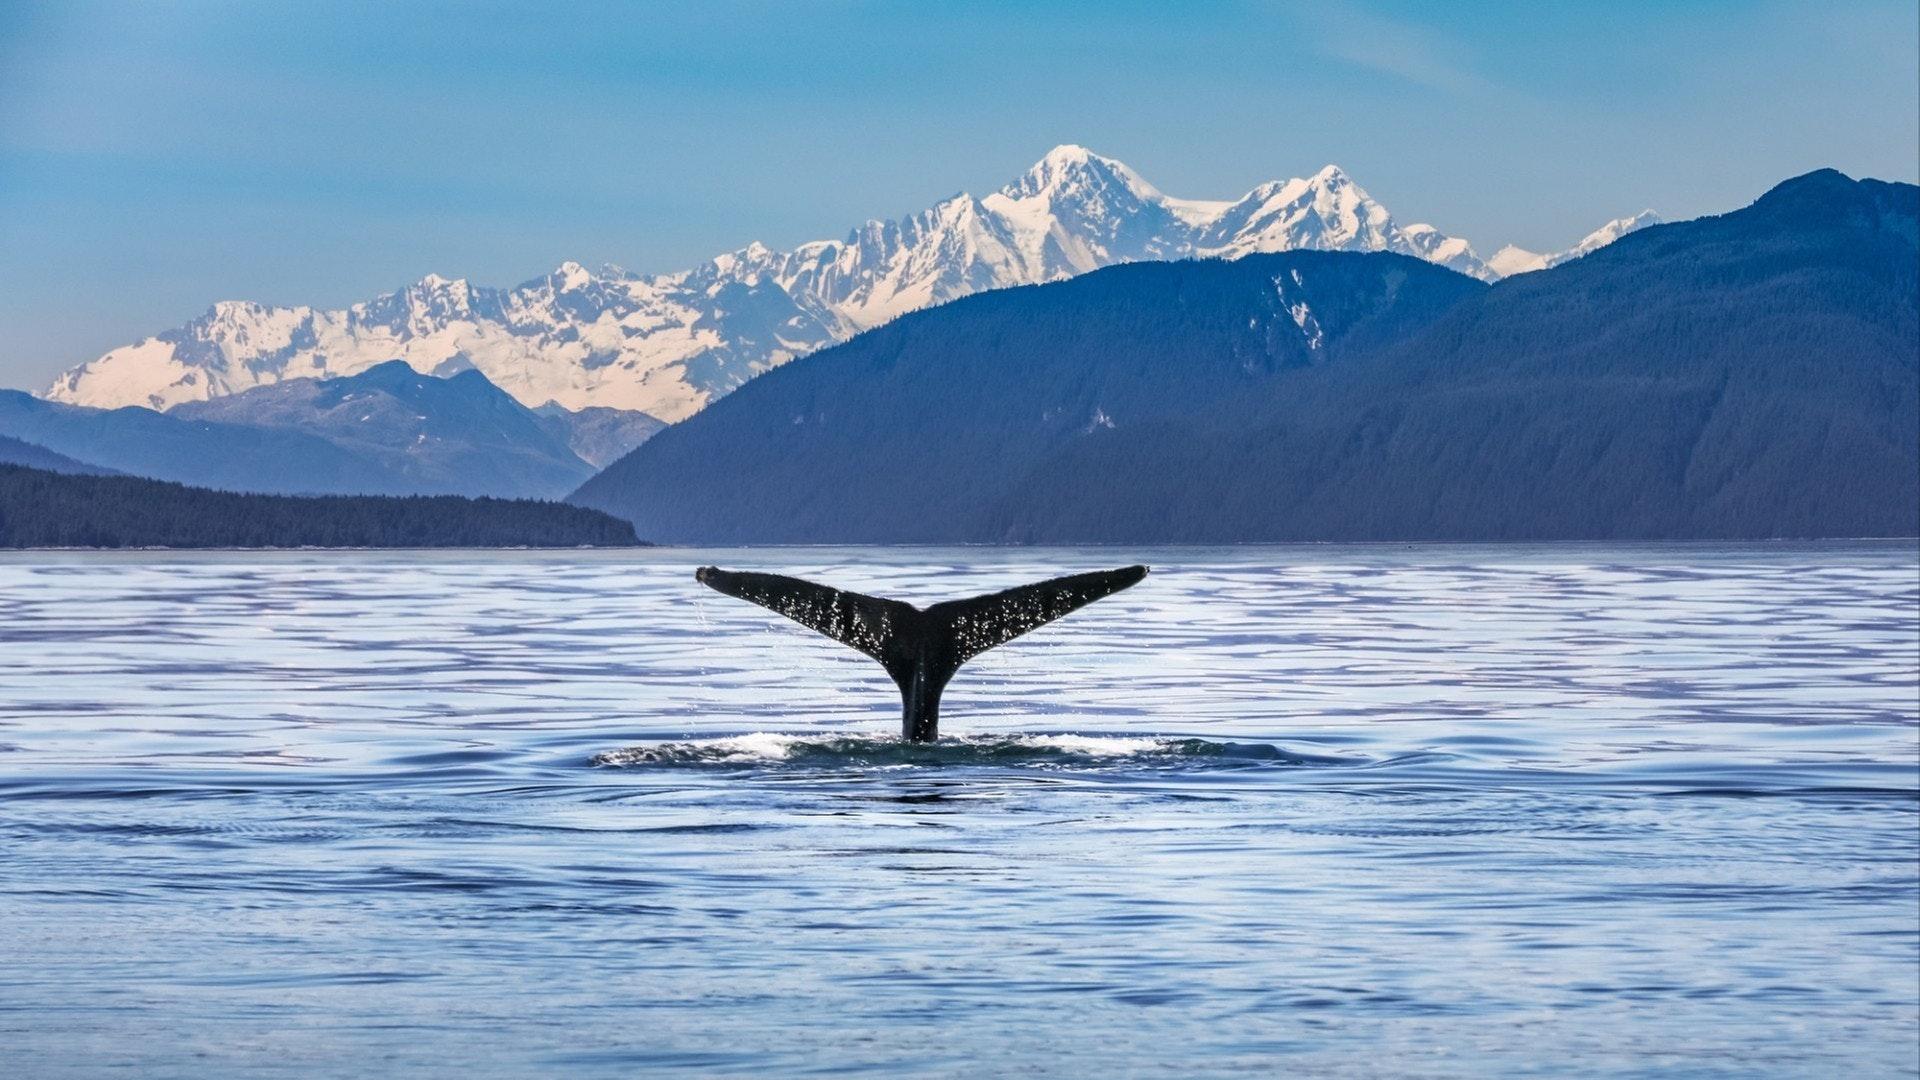 Paysage pittoresque de l'Alaska avec une queue de baleine au premier plan